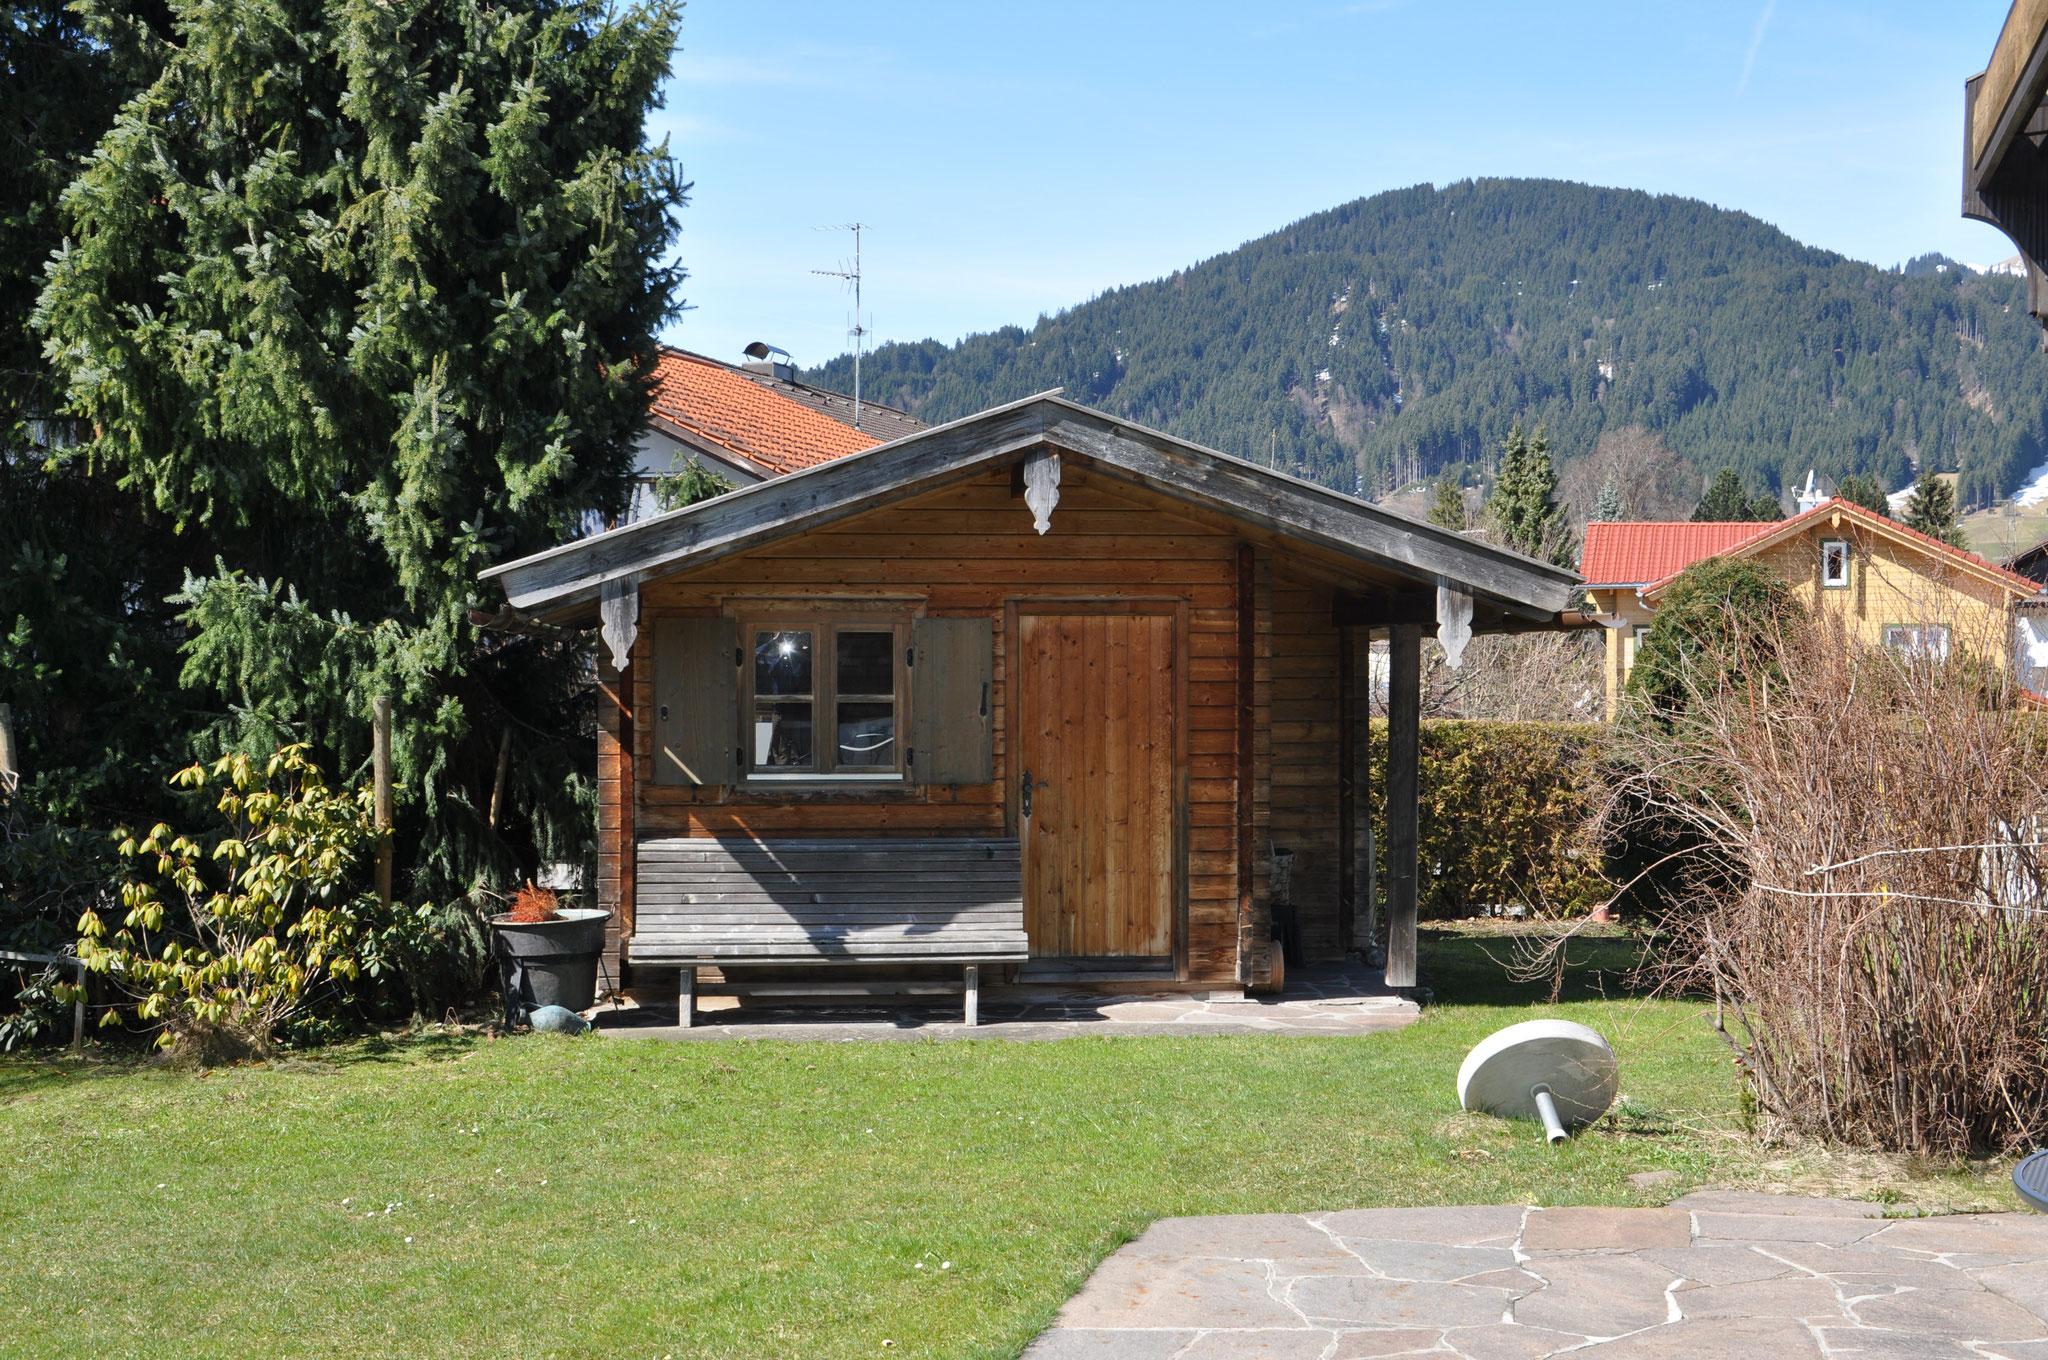 Gartenhaus mit Edelsberg